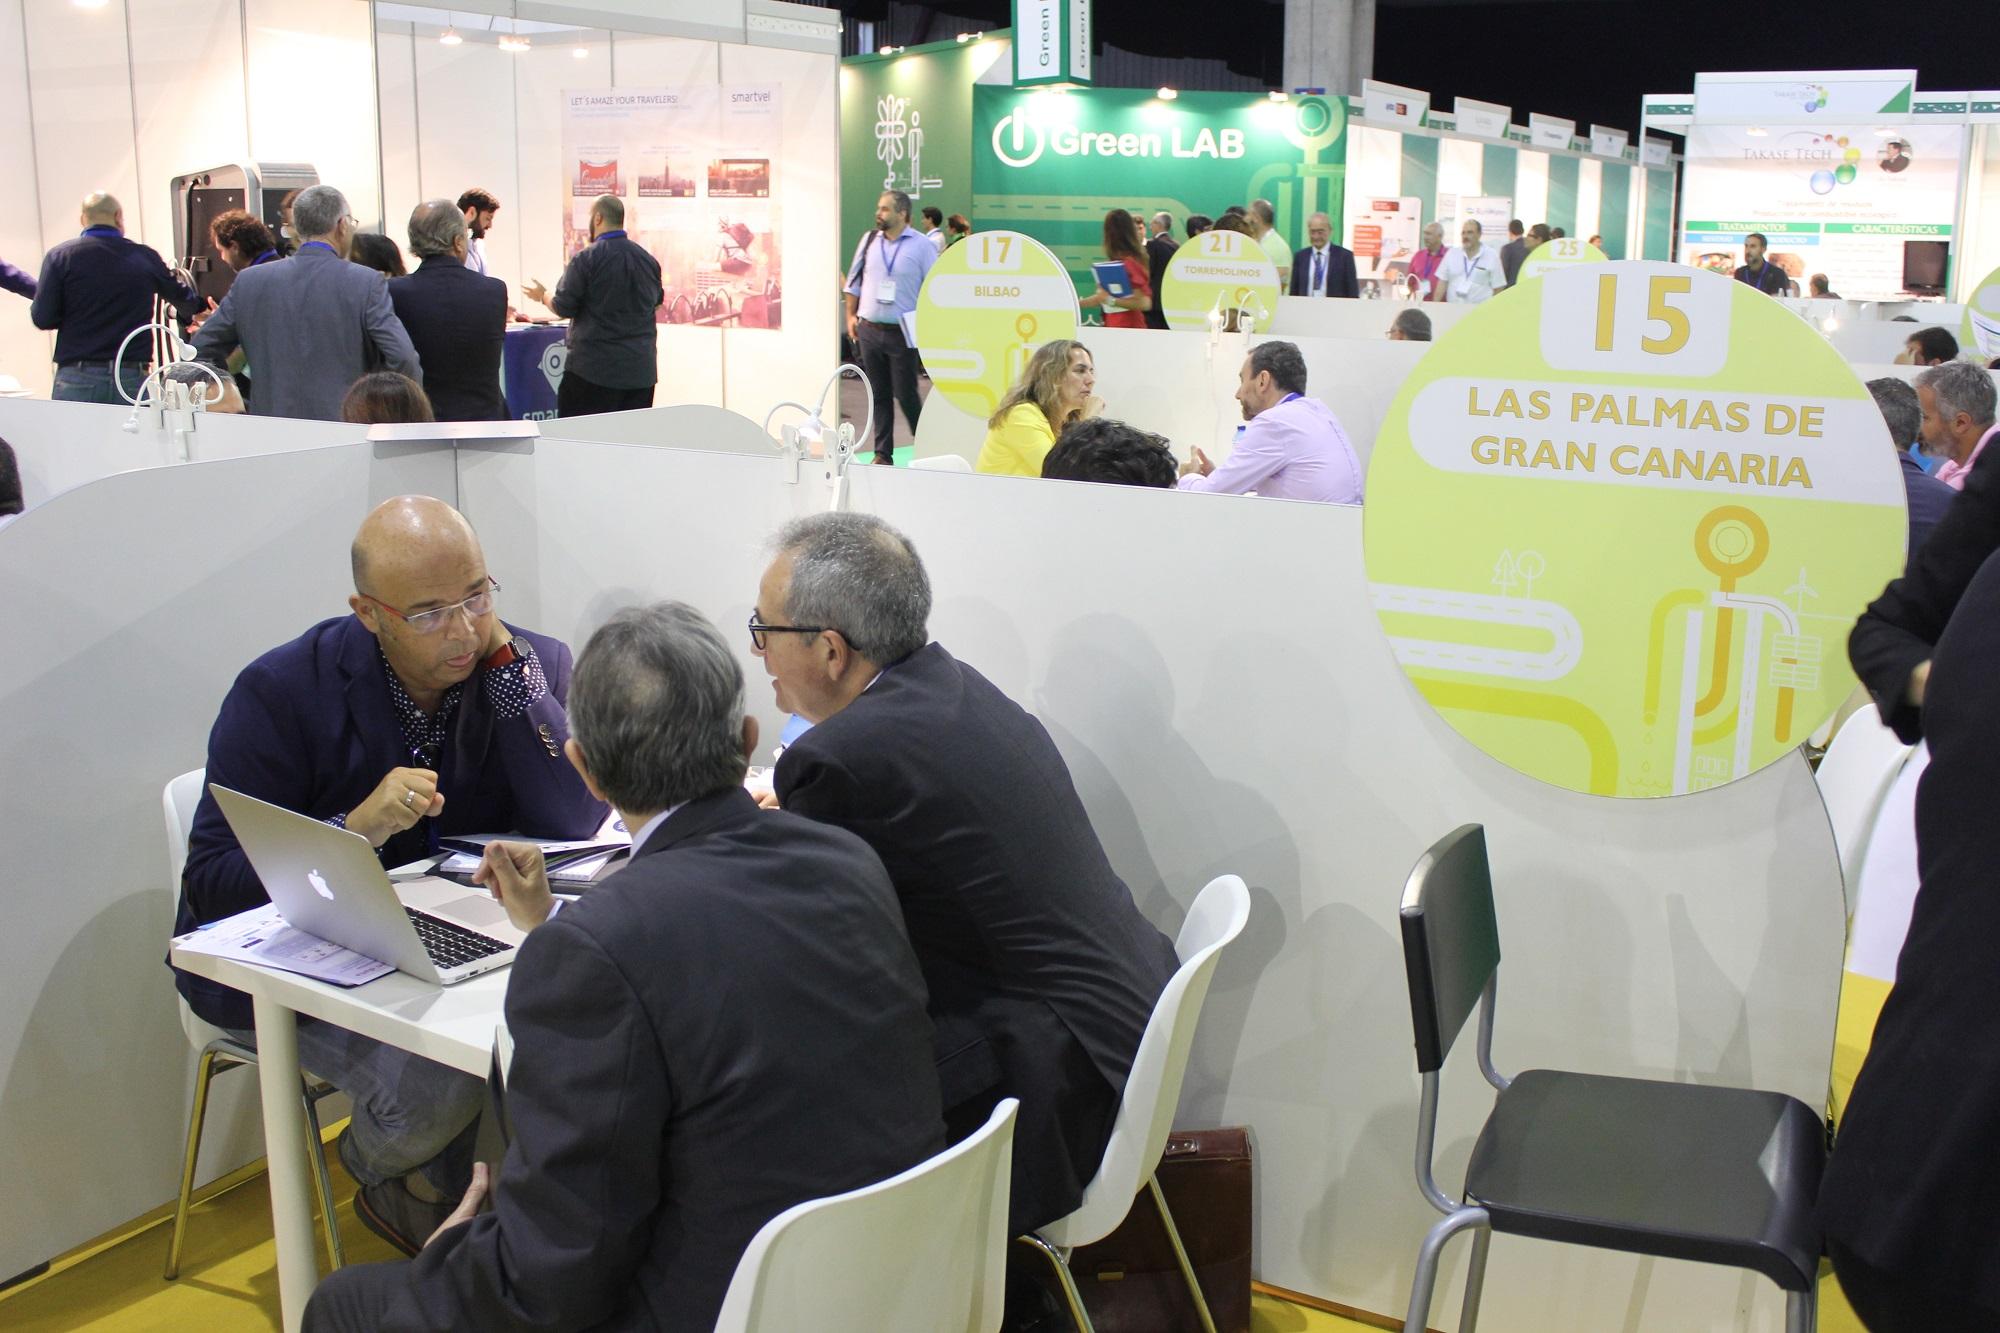 Greencities 2018 convoca a las ciudades españolas con proyectos de gestión inteligente y sostenible para contactar con potenciales colaboradores